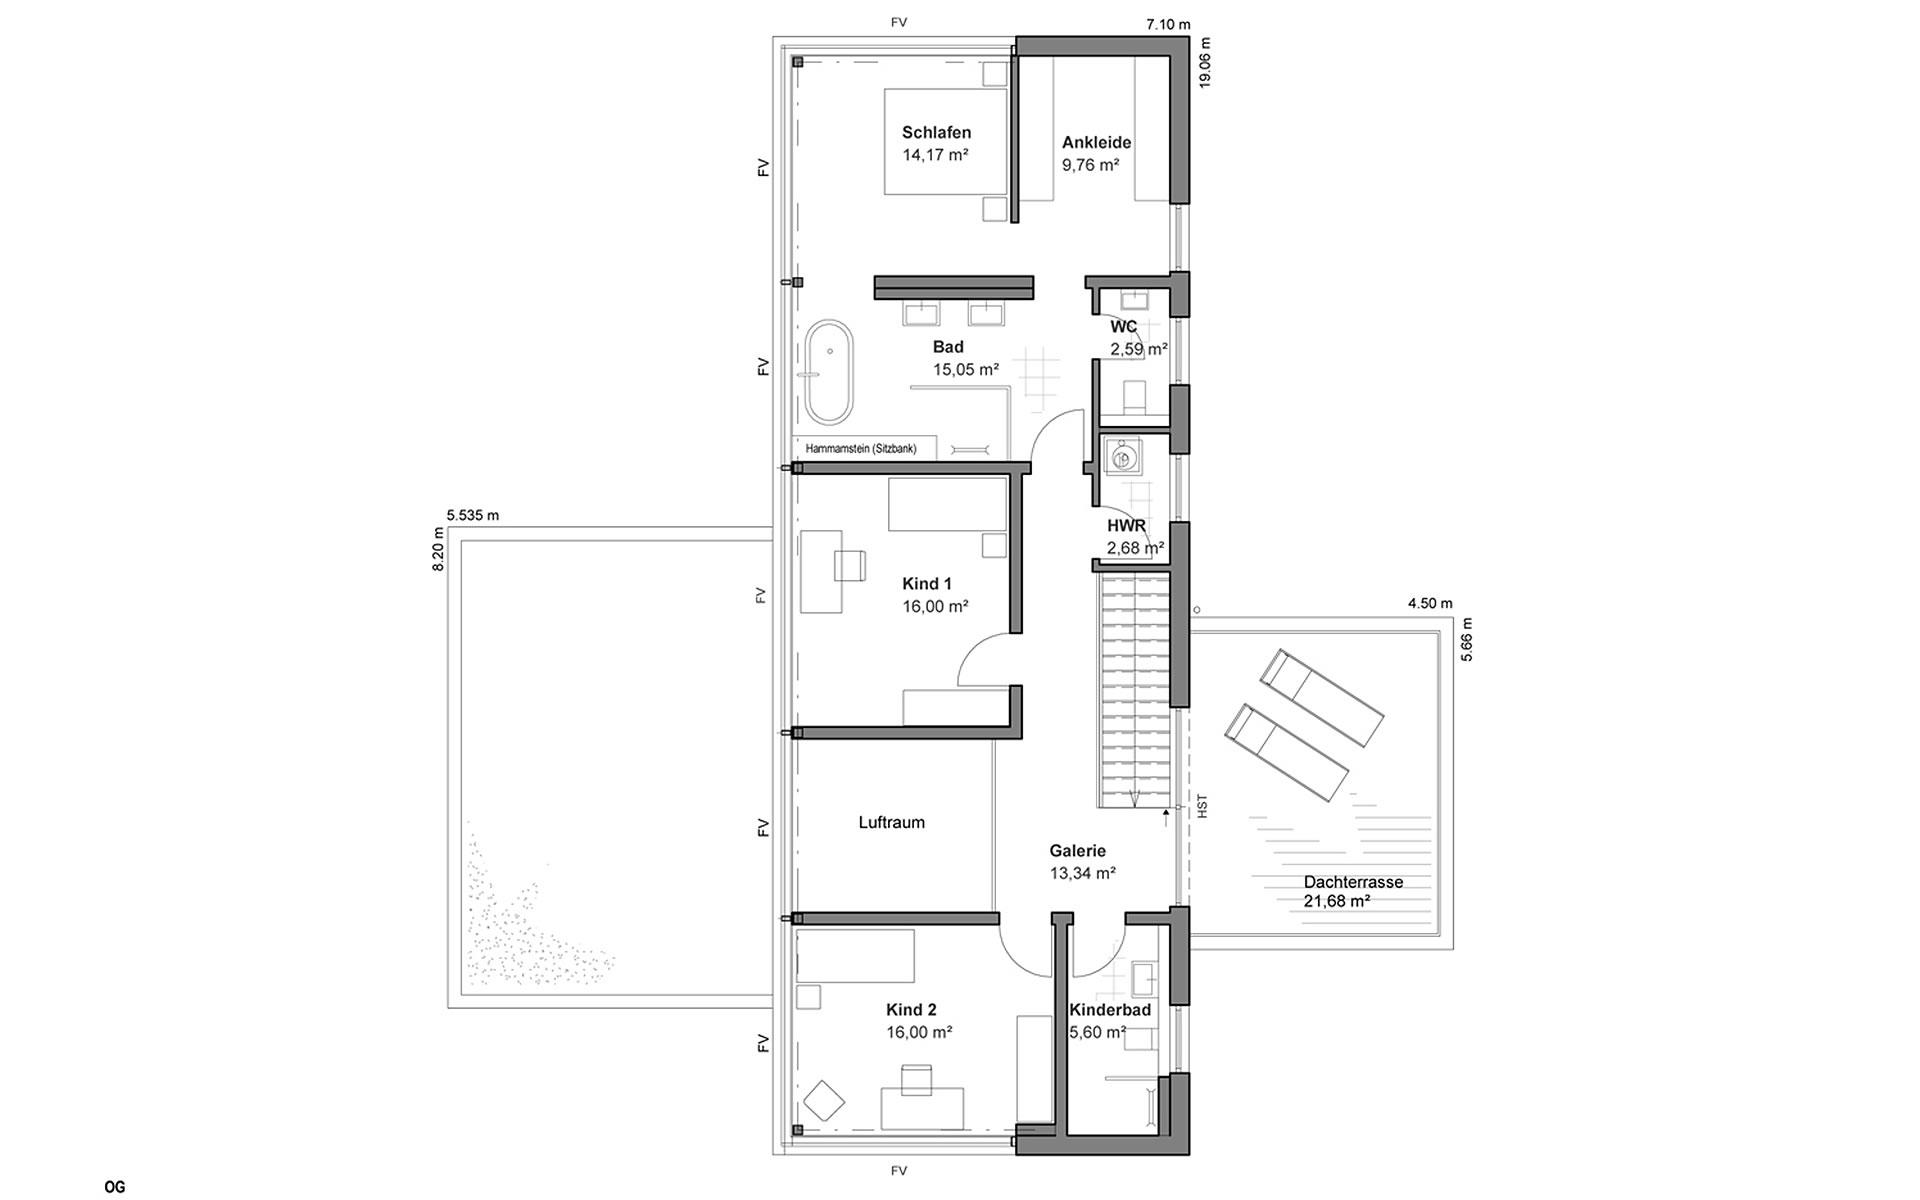 Obergeschoss Musterhaus Bad Vilbel von LUXHAUS Vertrieb GmbH & Co. KG